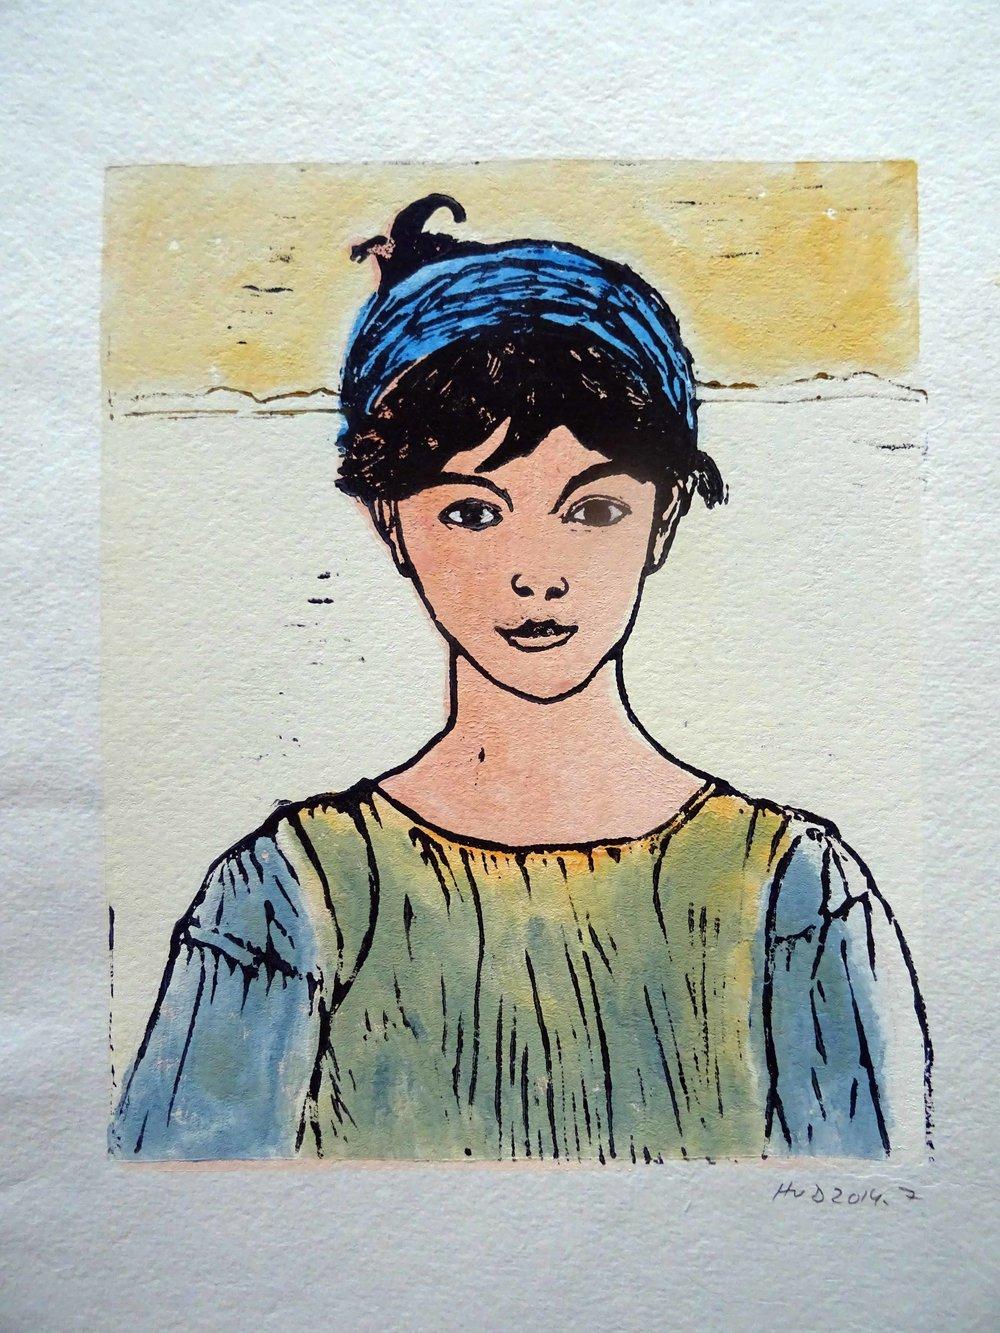 98 - fille de Concarneau, 2-plate lino 23,5x19 cm, 60 €